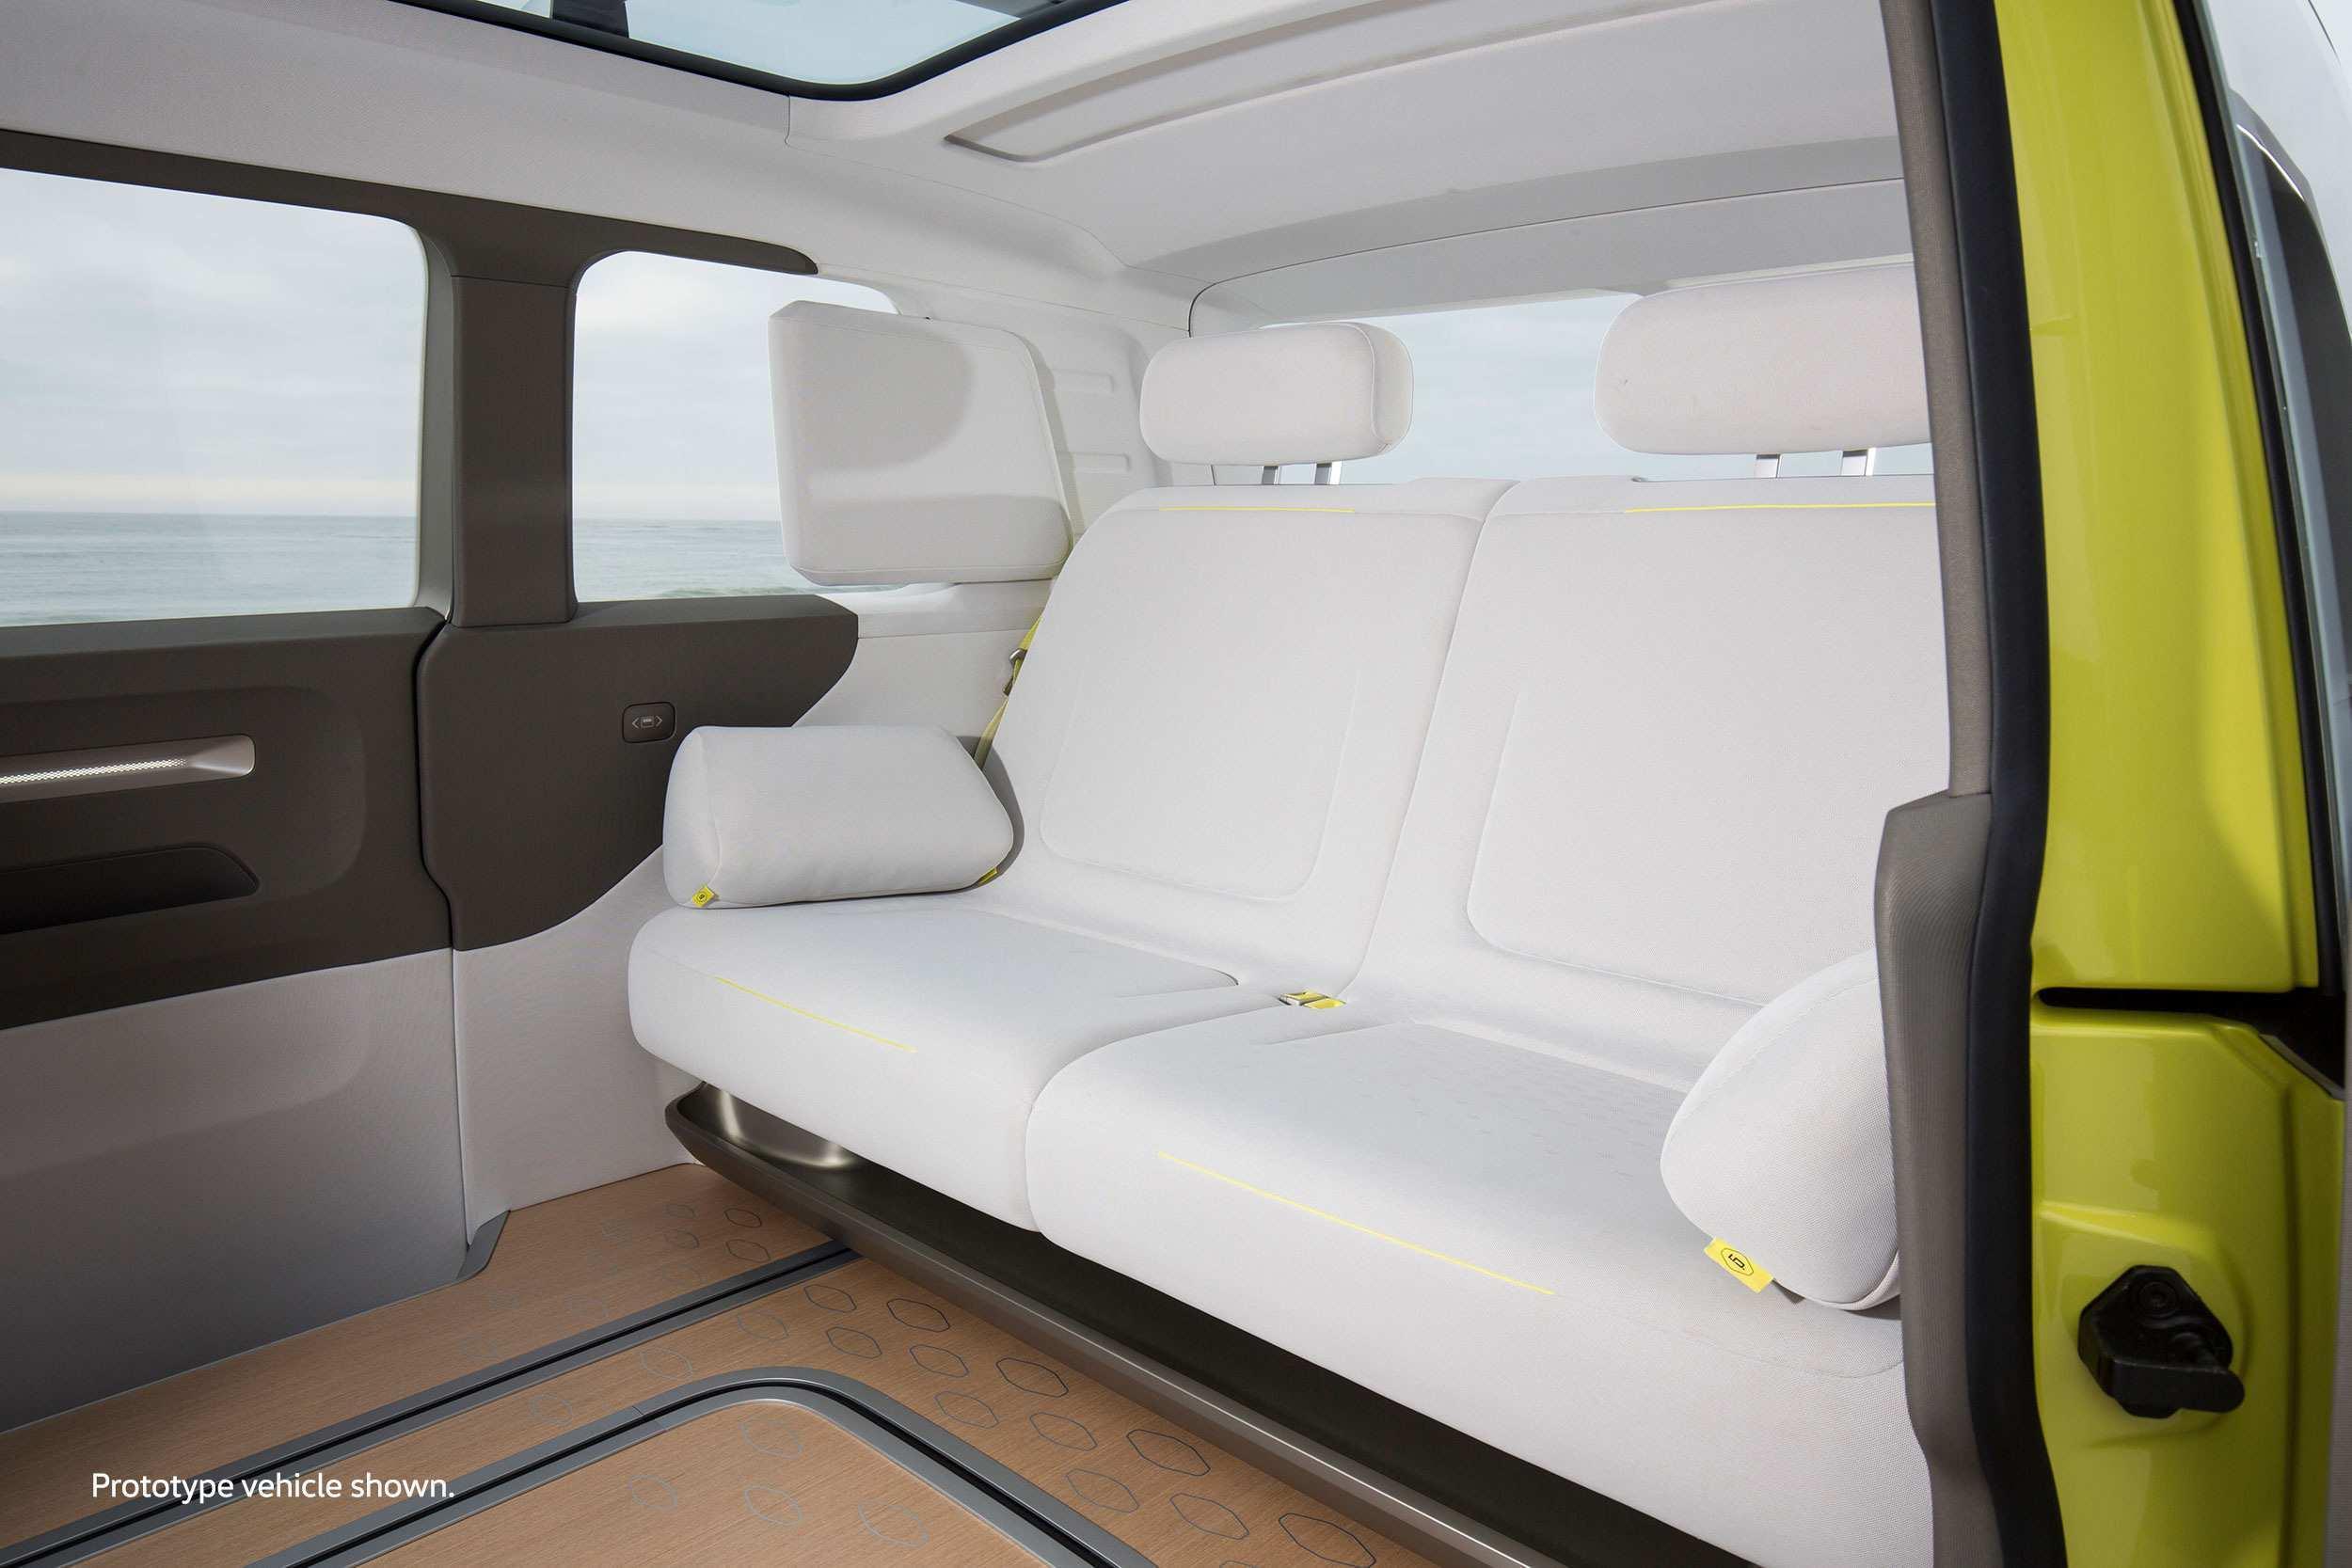 61 All New 2020 Volkswagen Bus Price Exterior by 2020 Volkswagen Bus Price